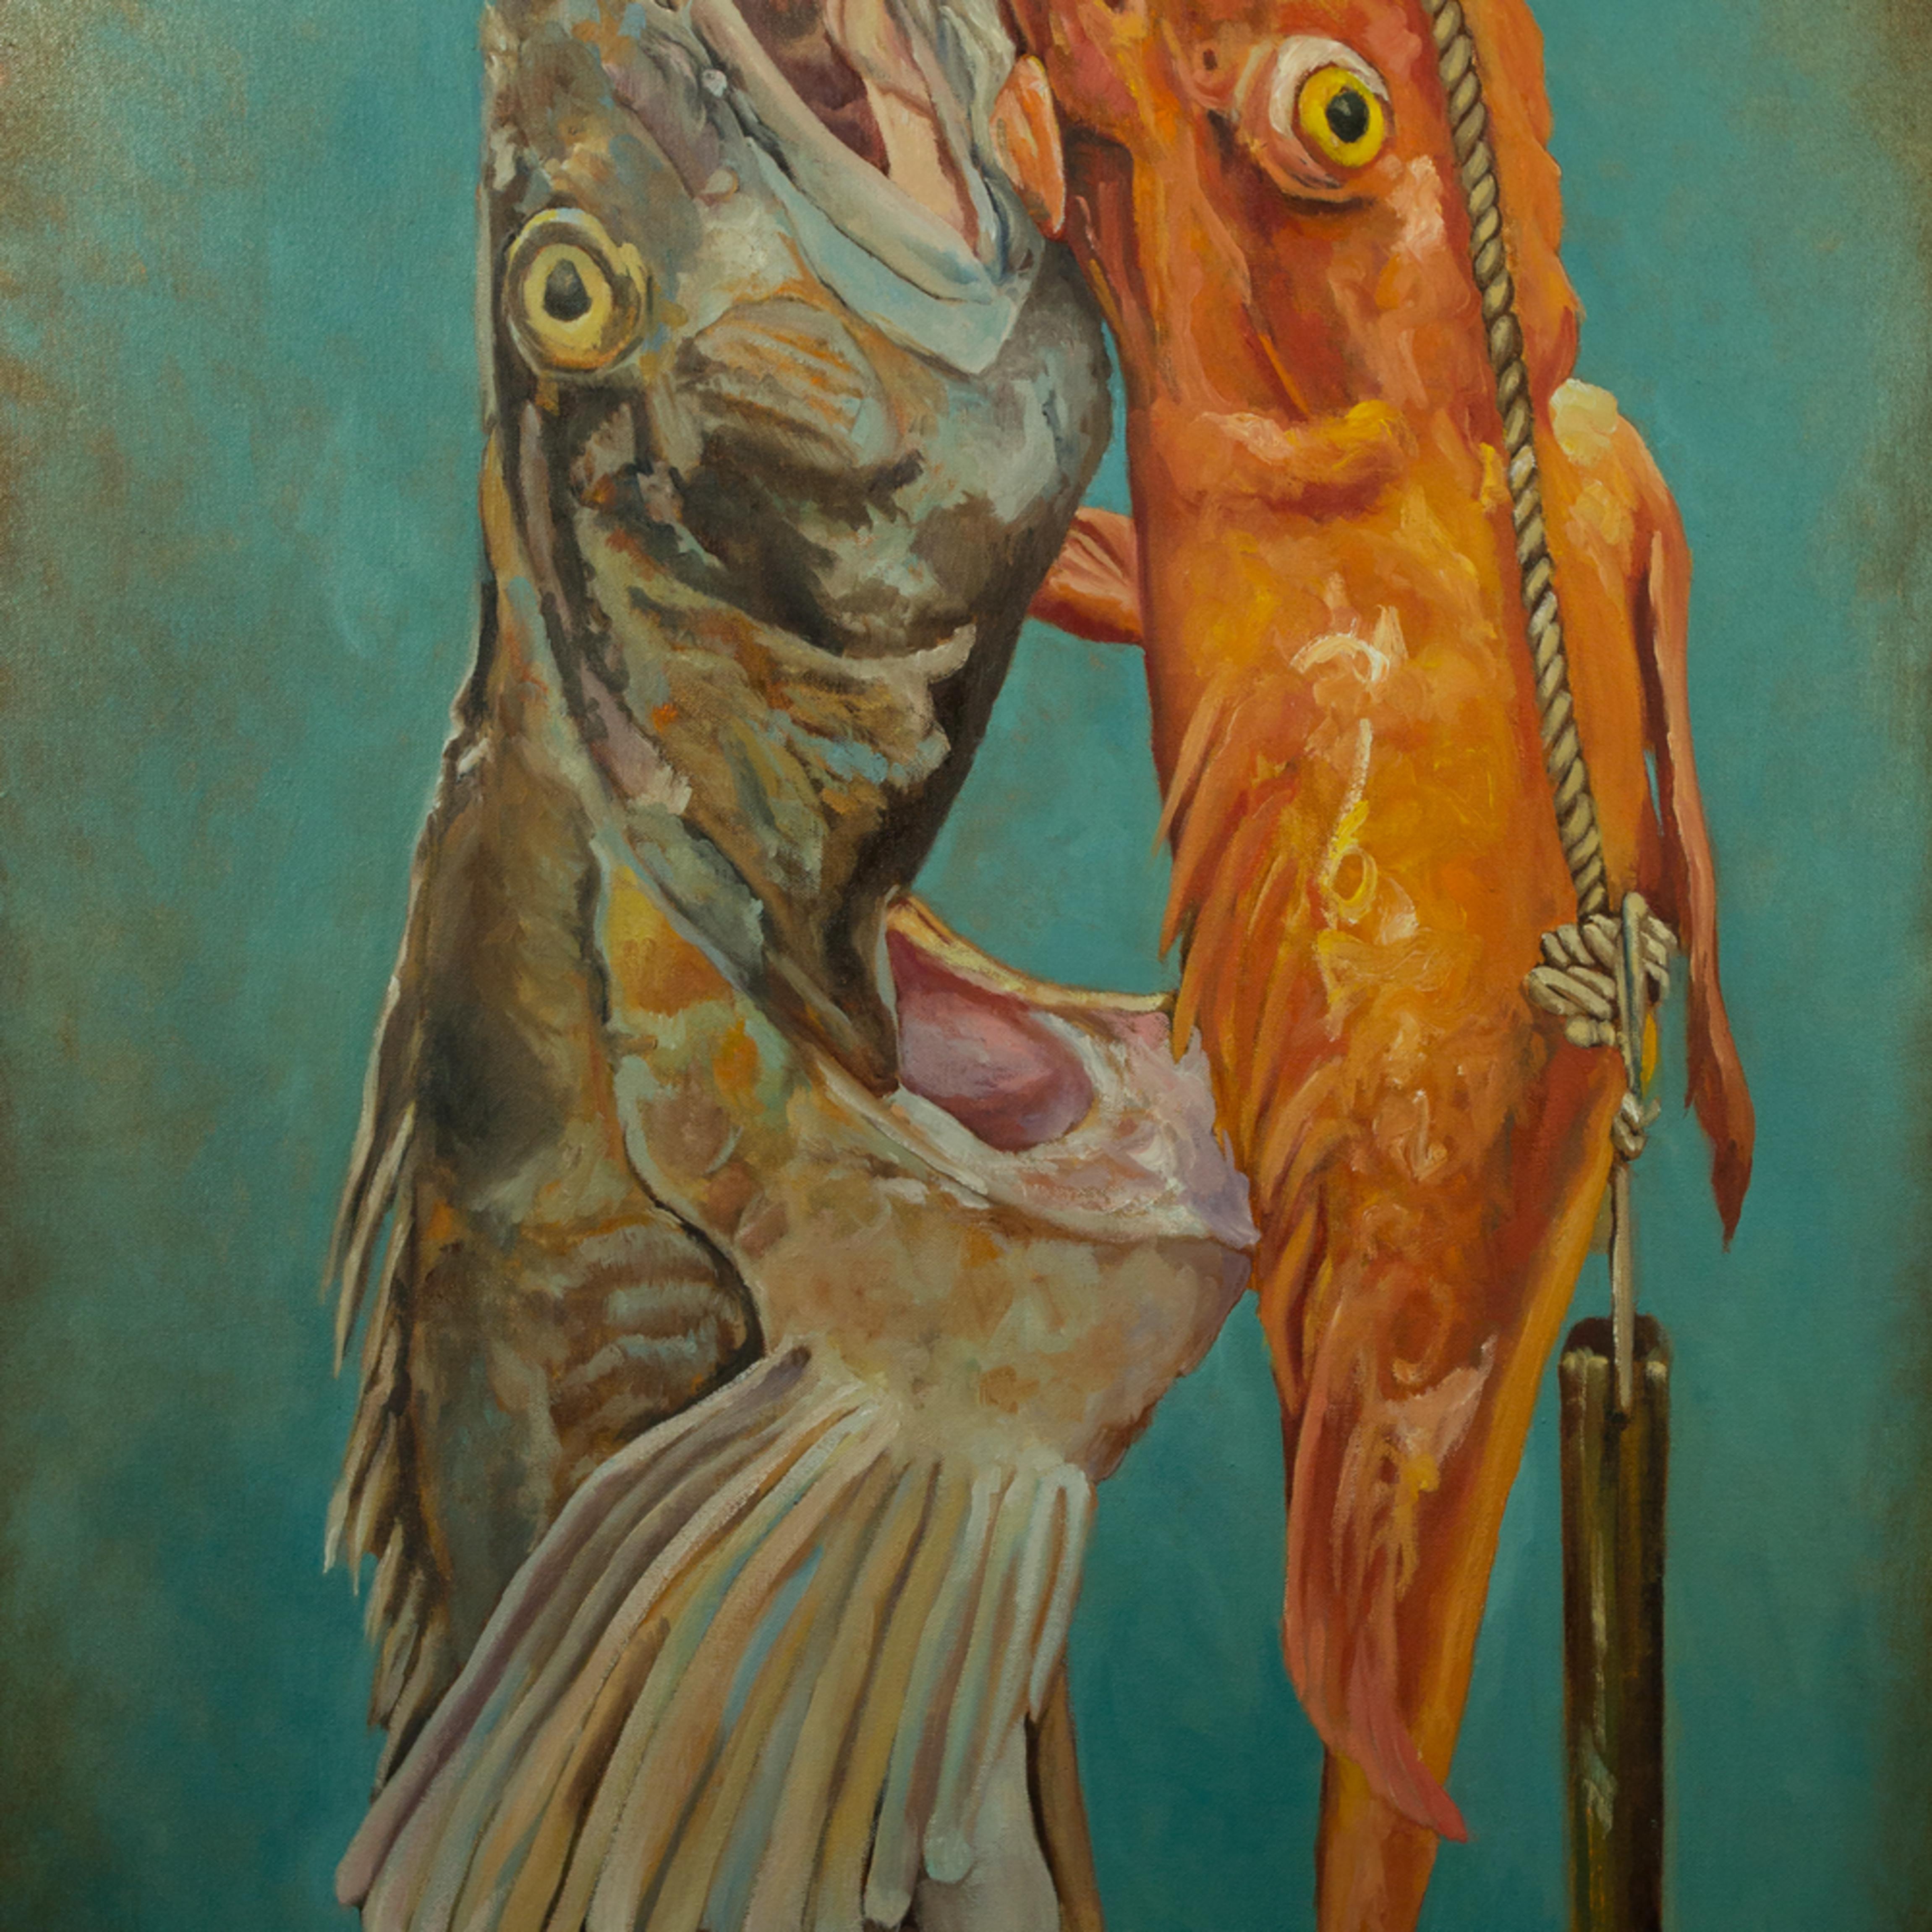 Codrockfish c7lpjg